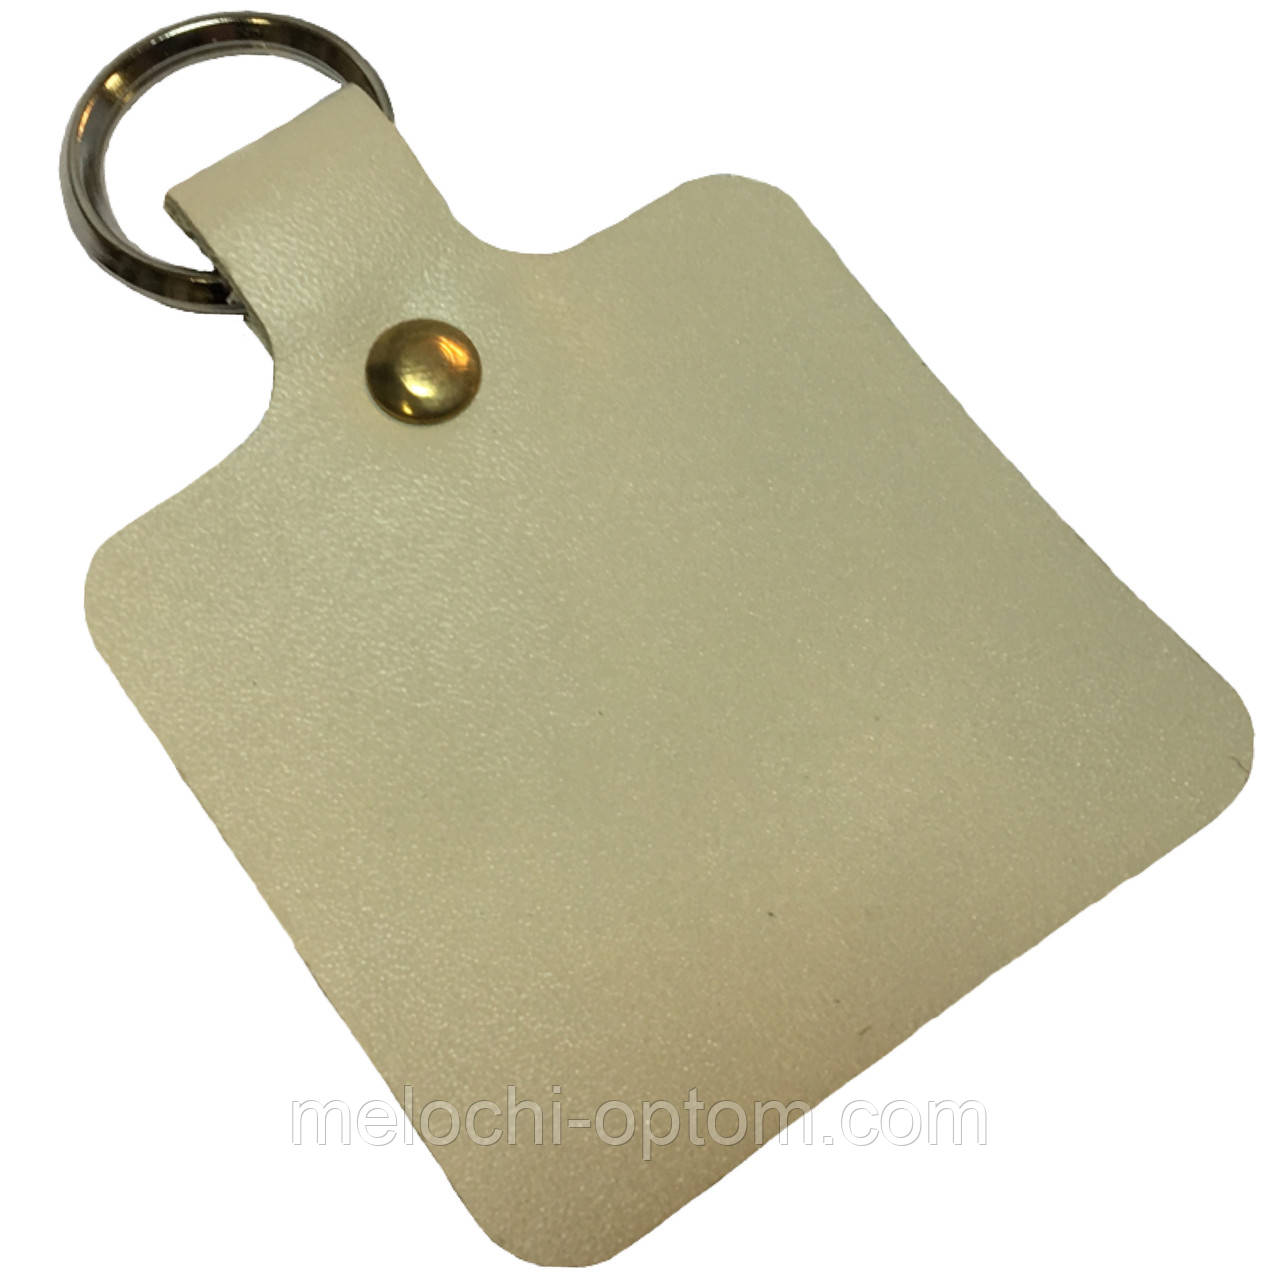 Брелки кожаные CREZ c кольцом для ключей